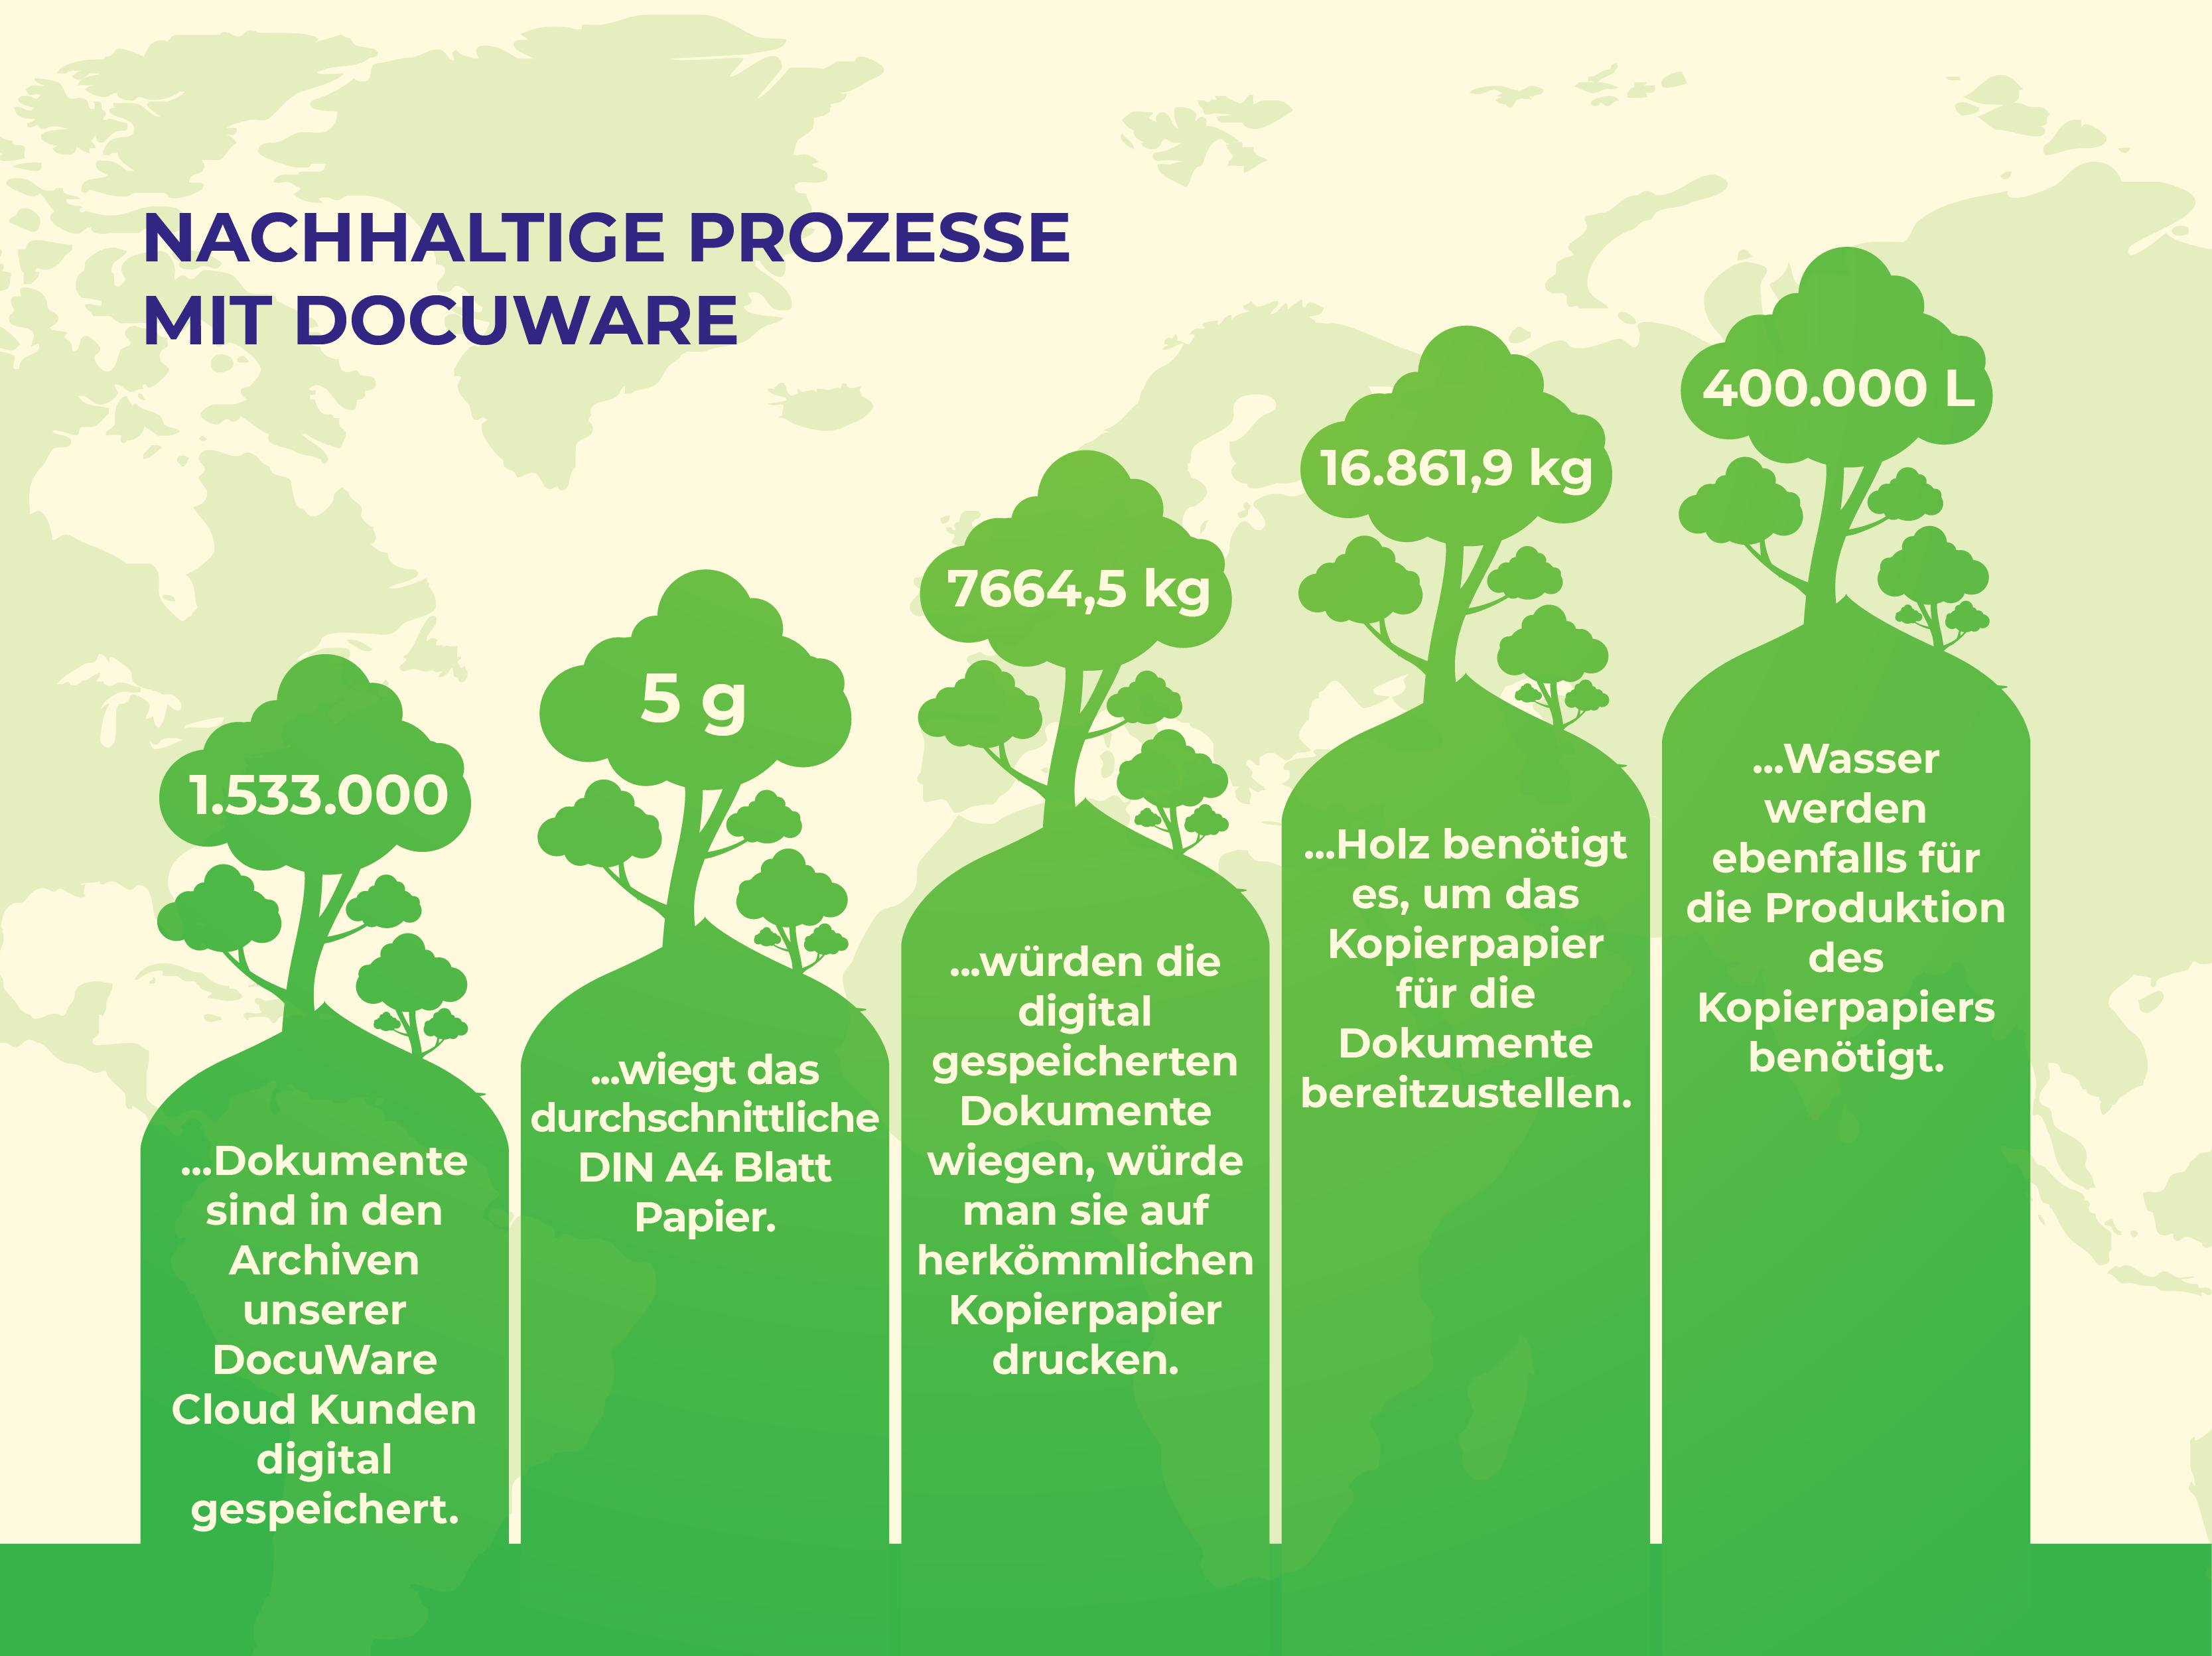 Nachhaltige Prozesse mit DocuWare